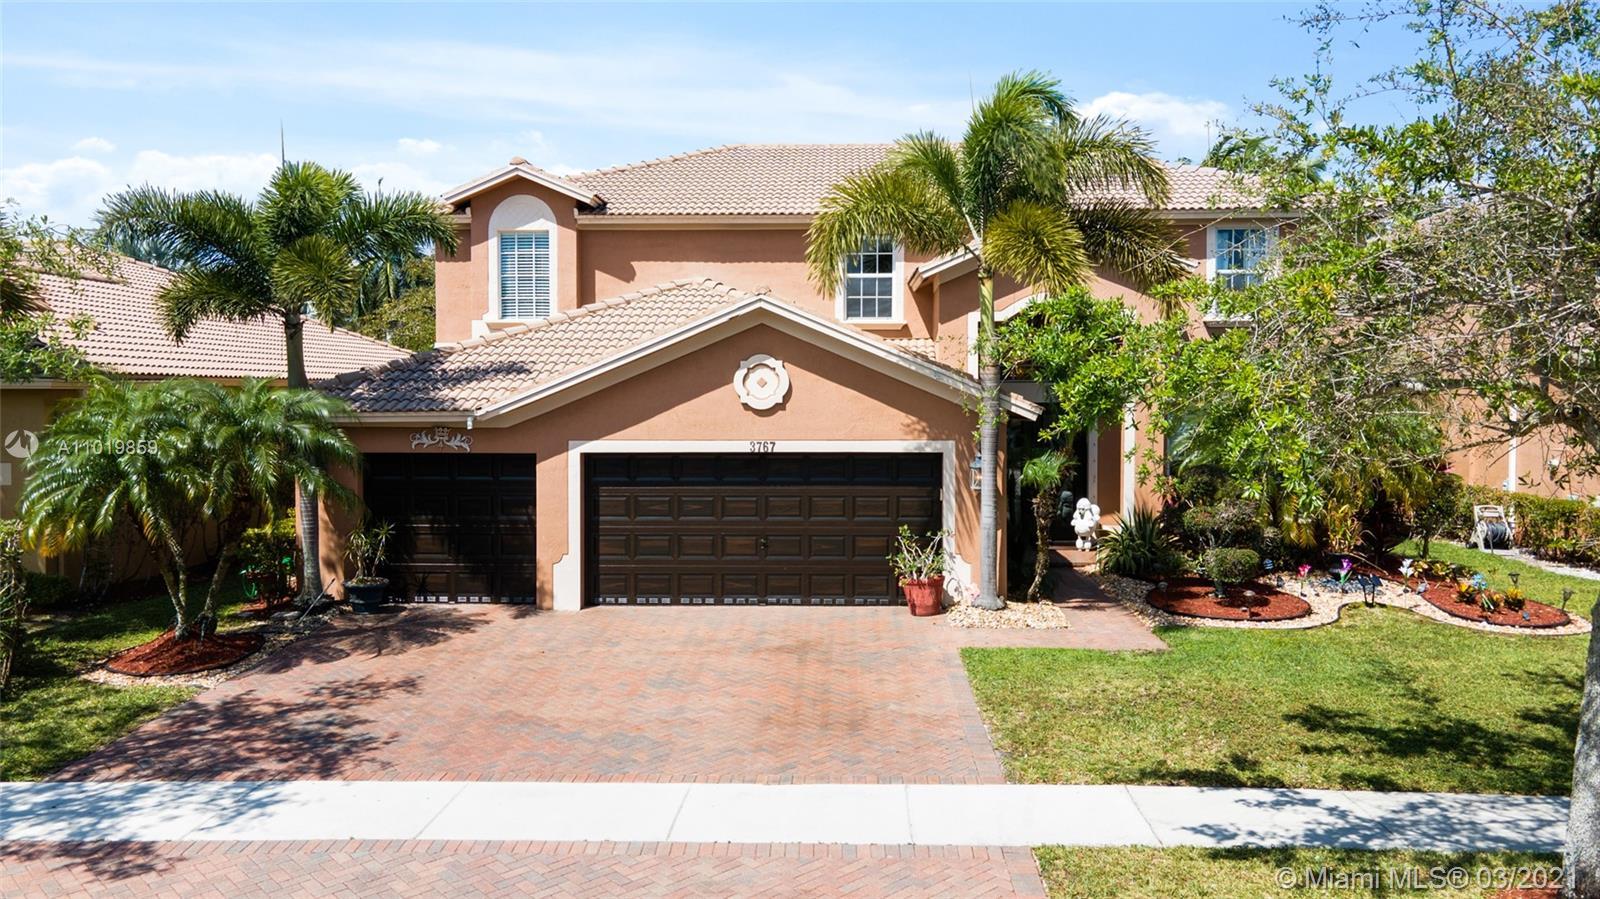 Weston - 3767 W Gardenia Ave, Weston, FL 33332